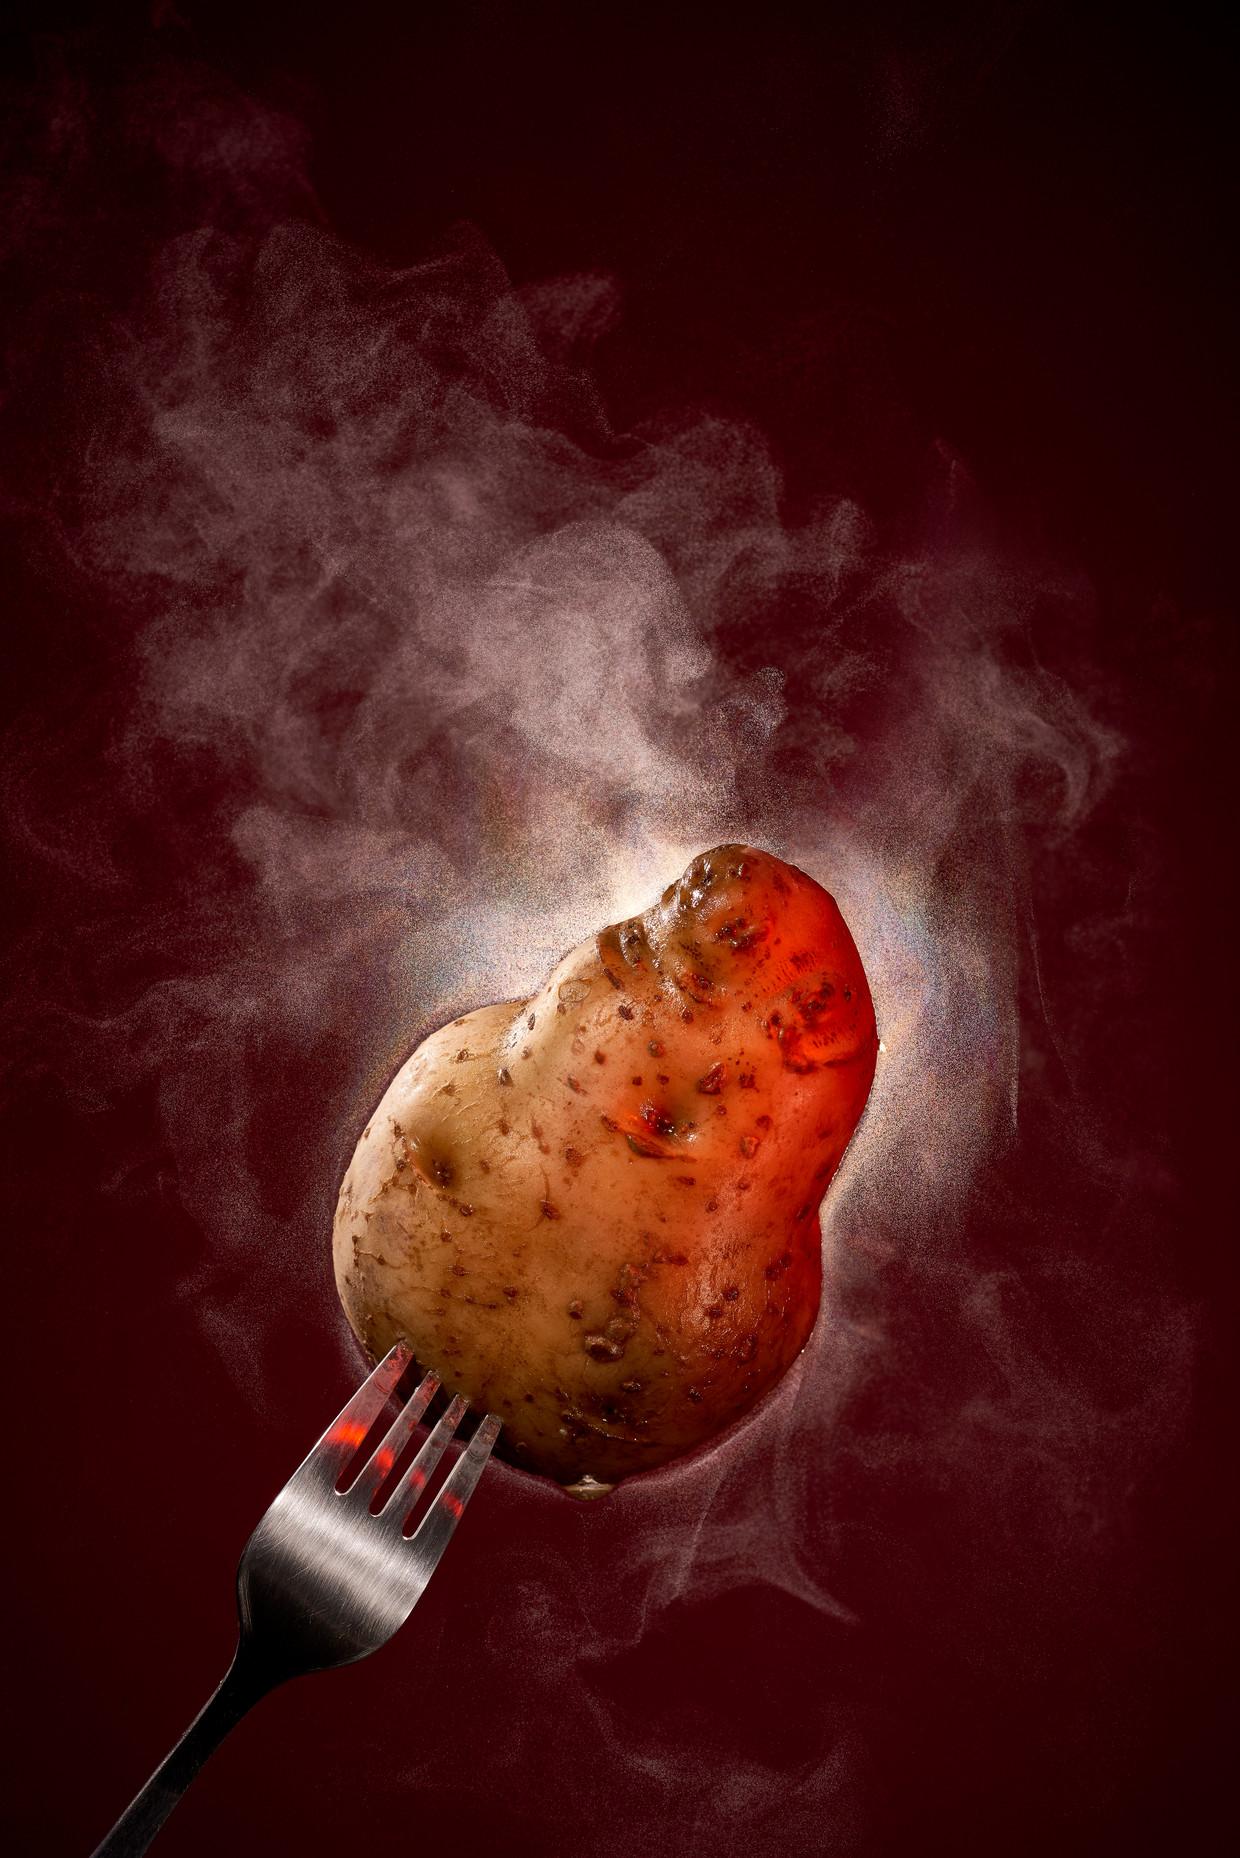 Grote winkelketens spelen de hete aardappel door naar hun leveranciers.